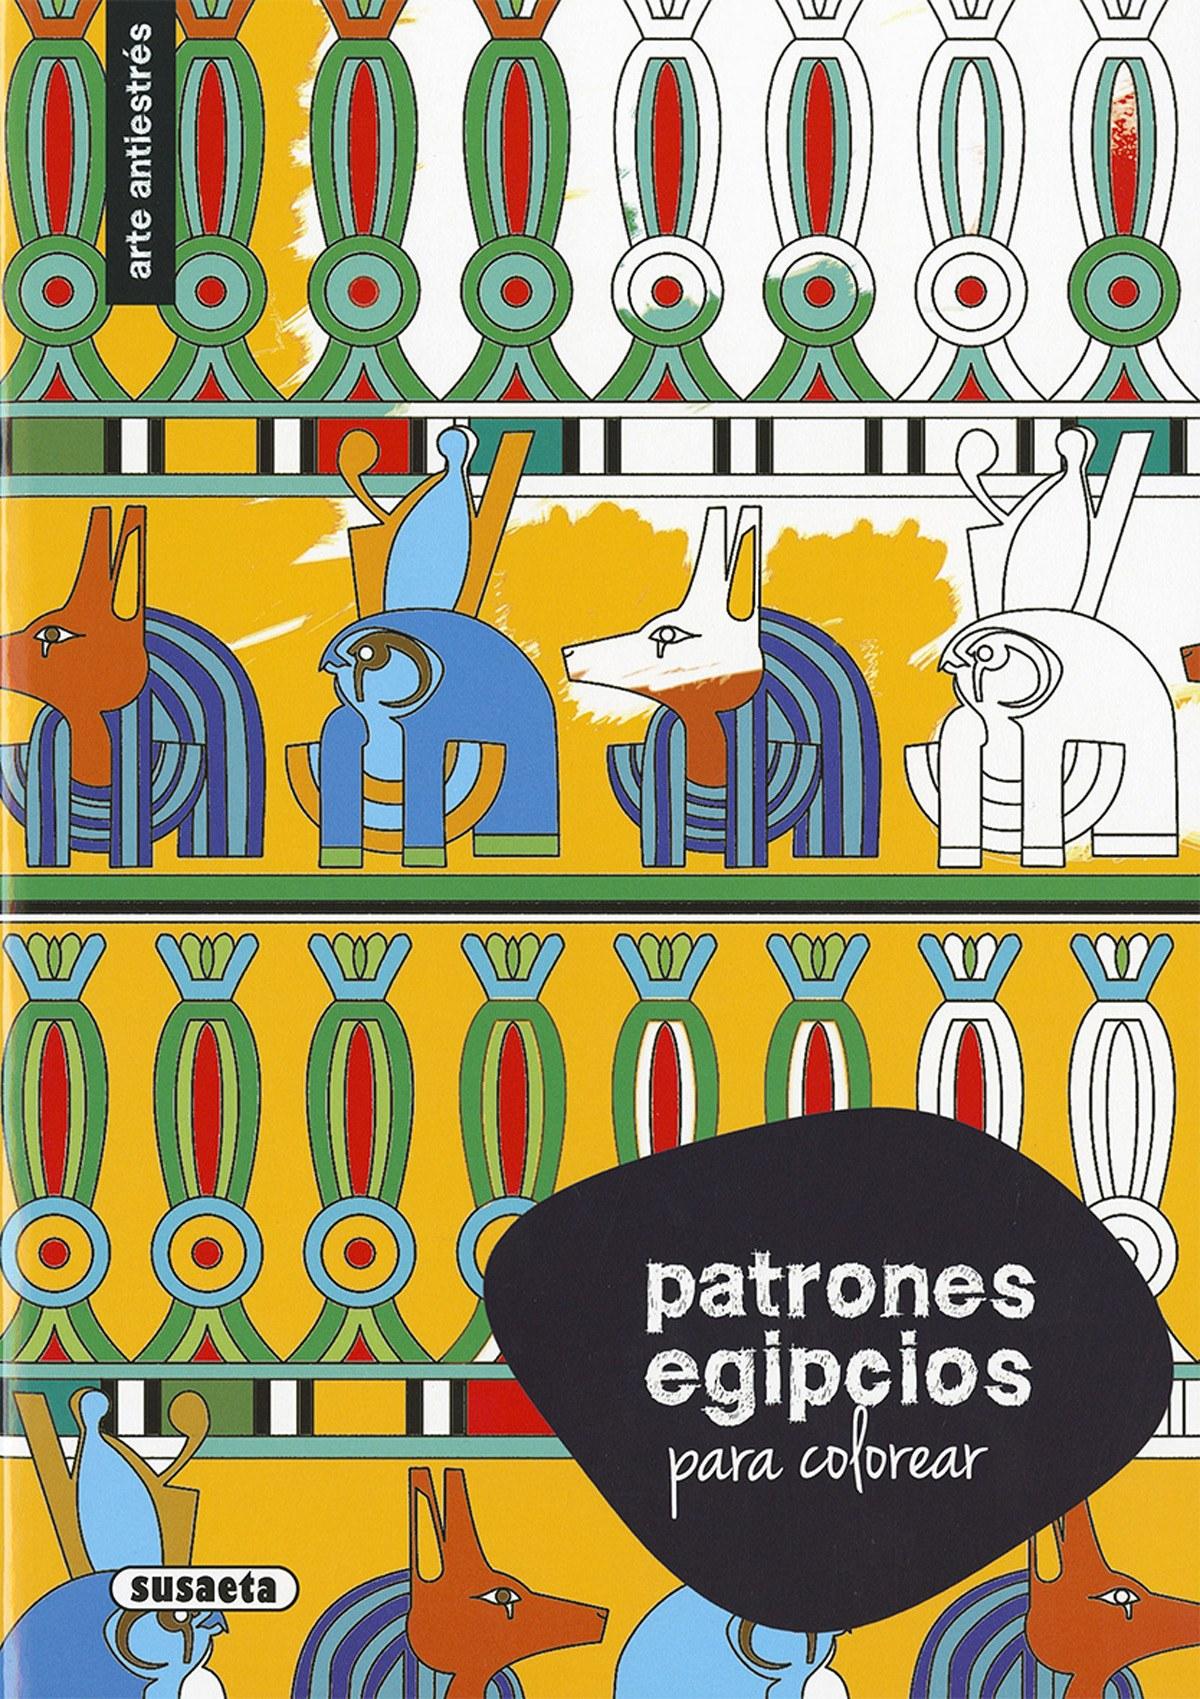 Patrones egipcios colorear 9788467750348